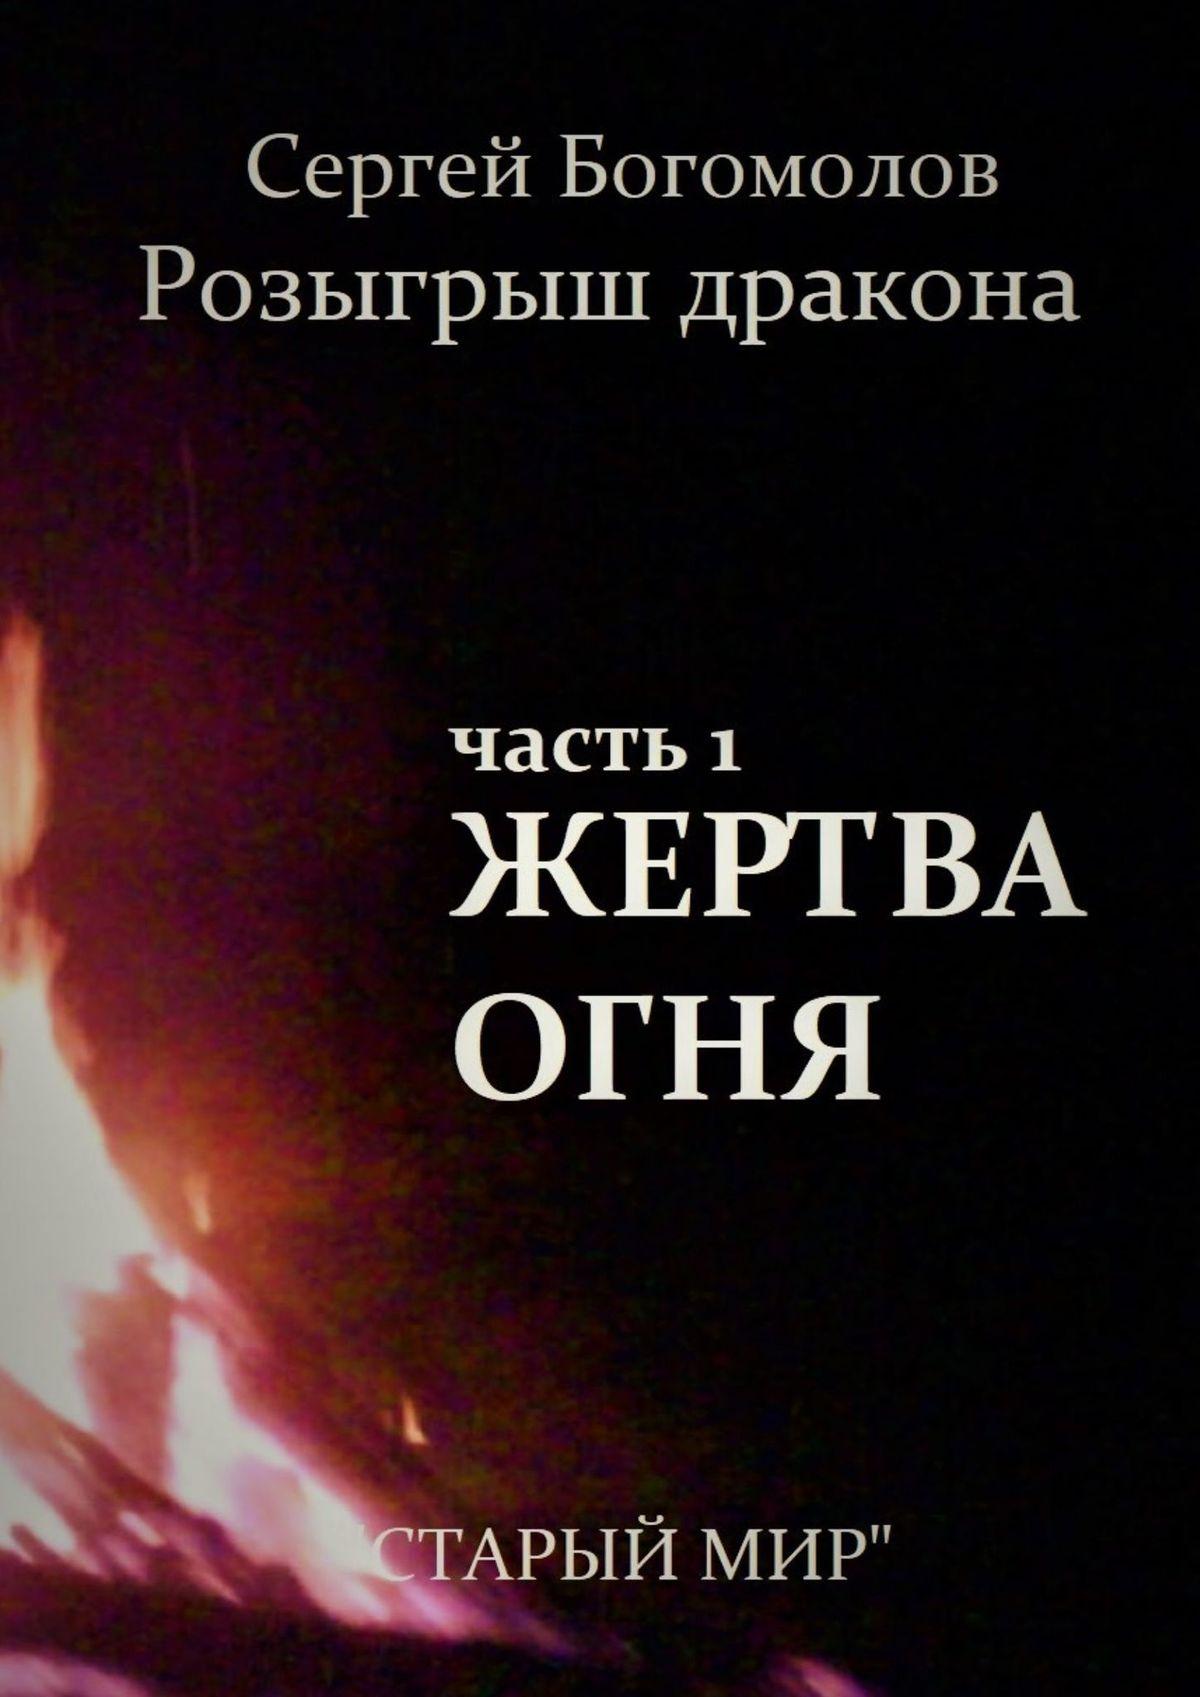 Розыгрыш дракона. Часть 1. Жертва огня